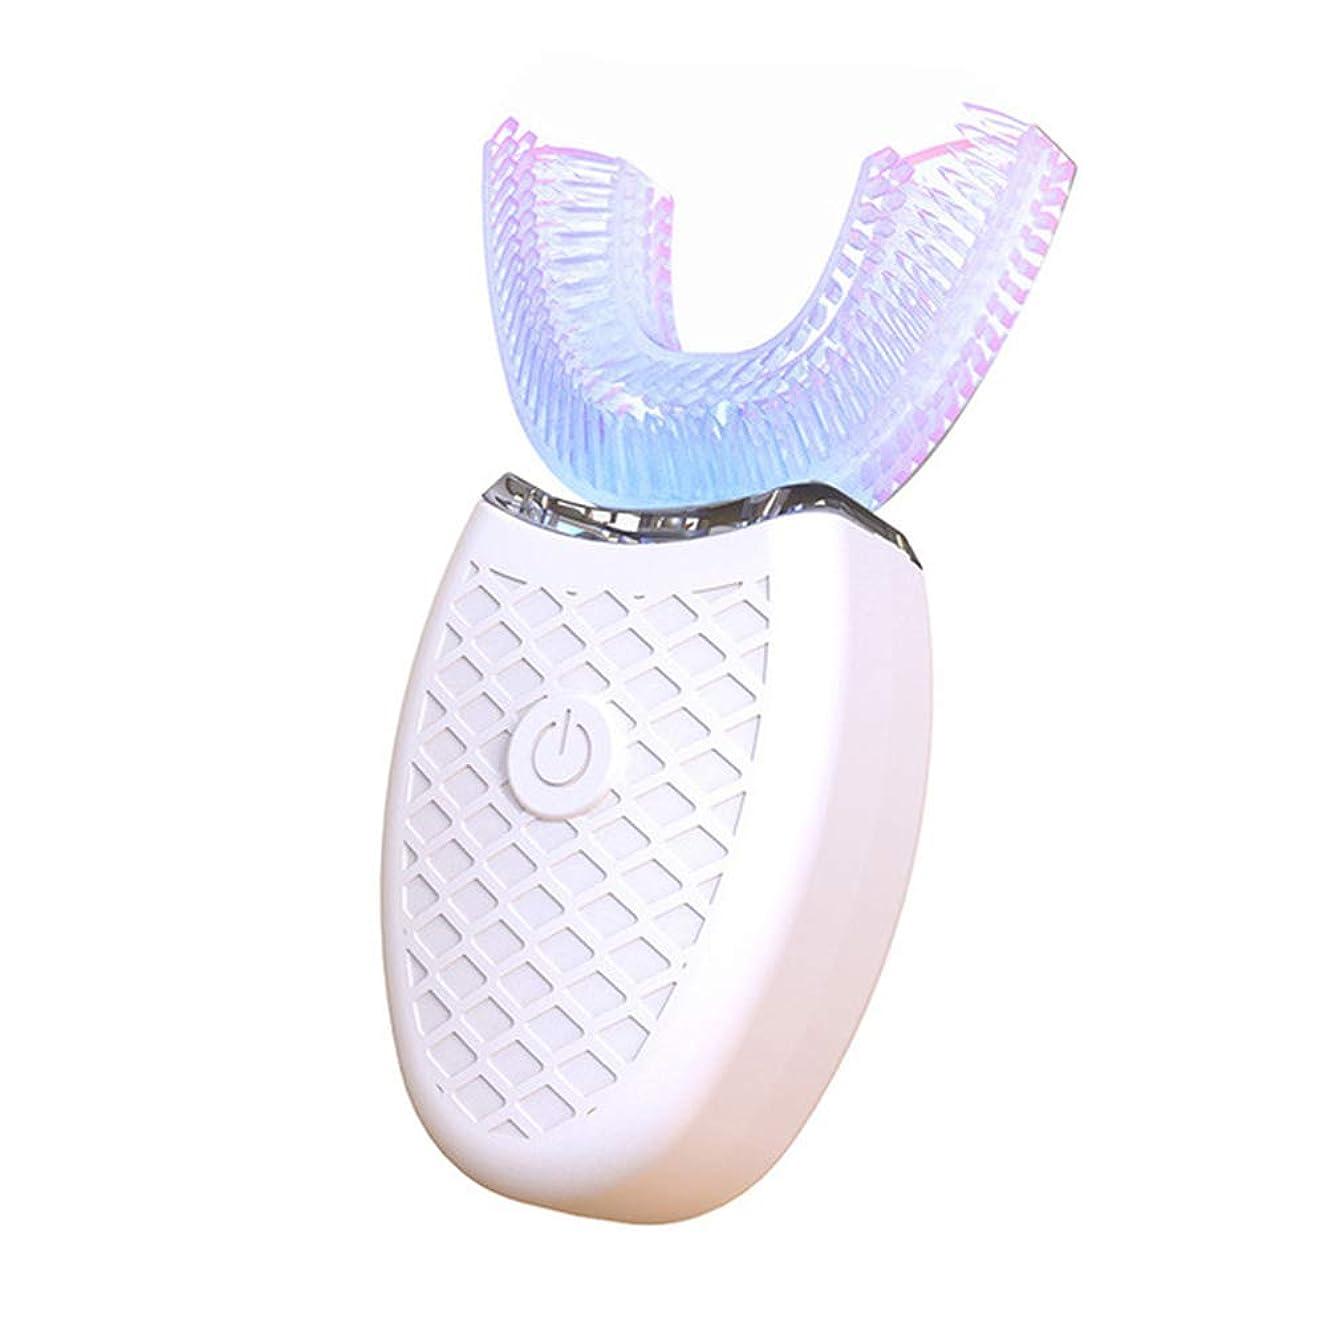 存在する十分ではないマラドロイト再充電可能な電動歯ブラシ、超音波充満モデルシリコーンの大人の電気怠惰な歯磨き粉,白